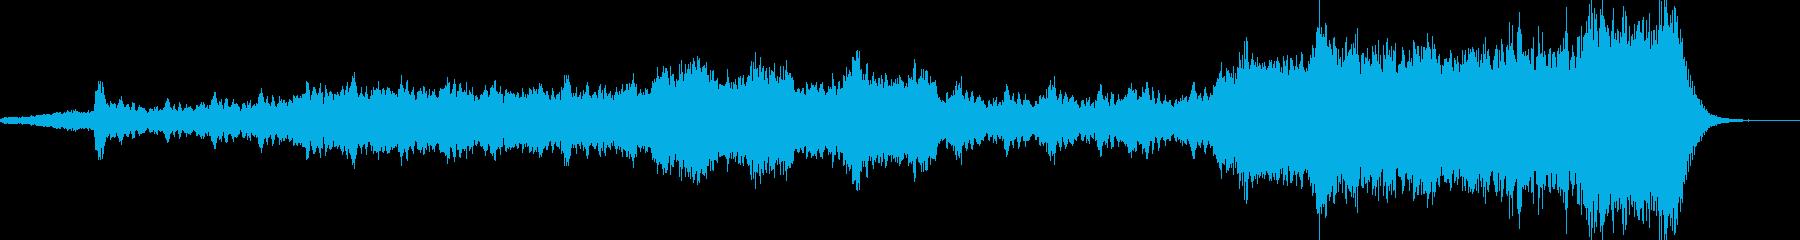 緊張感が増していくシリアスなオーケストラの再生済みの波形